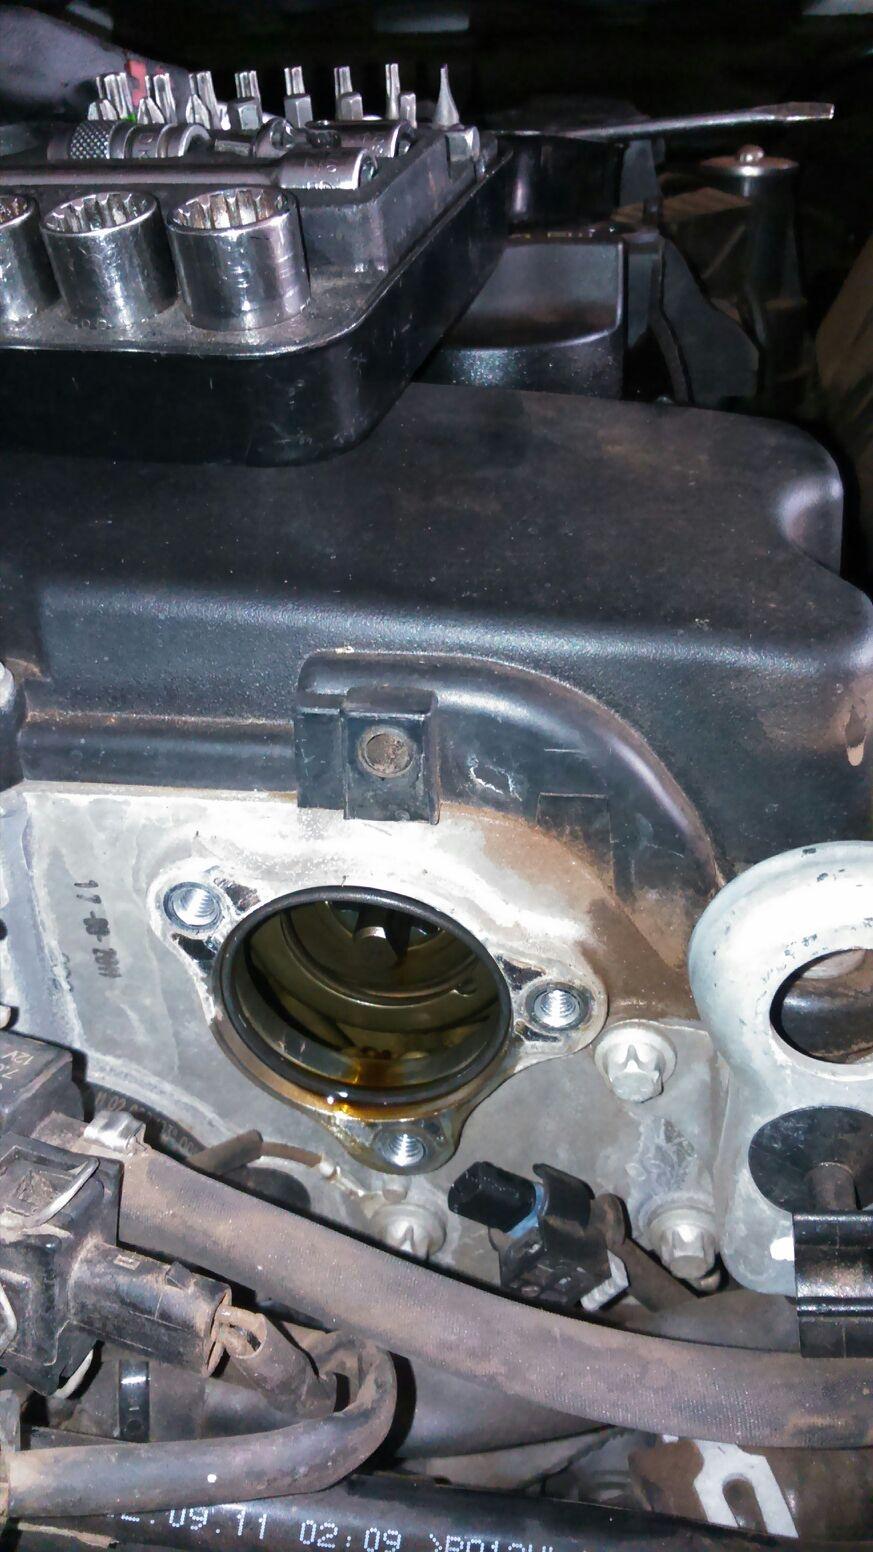 Problemas com as engrenagens do eixo comando - motor rajando na partida (M271 Evo) - Página 2 28tdqpk